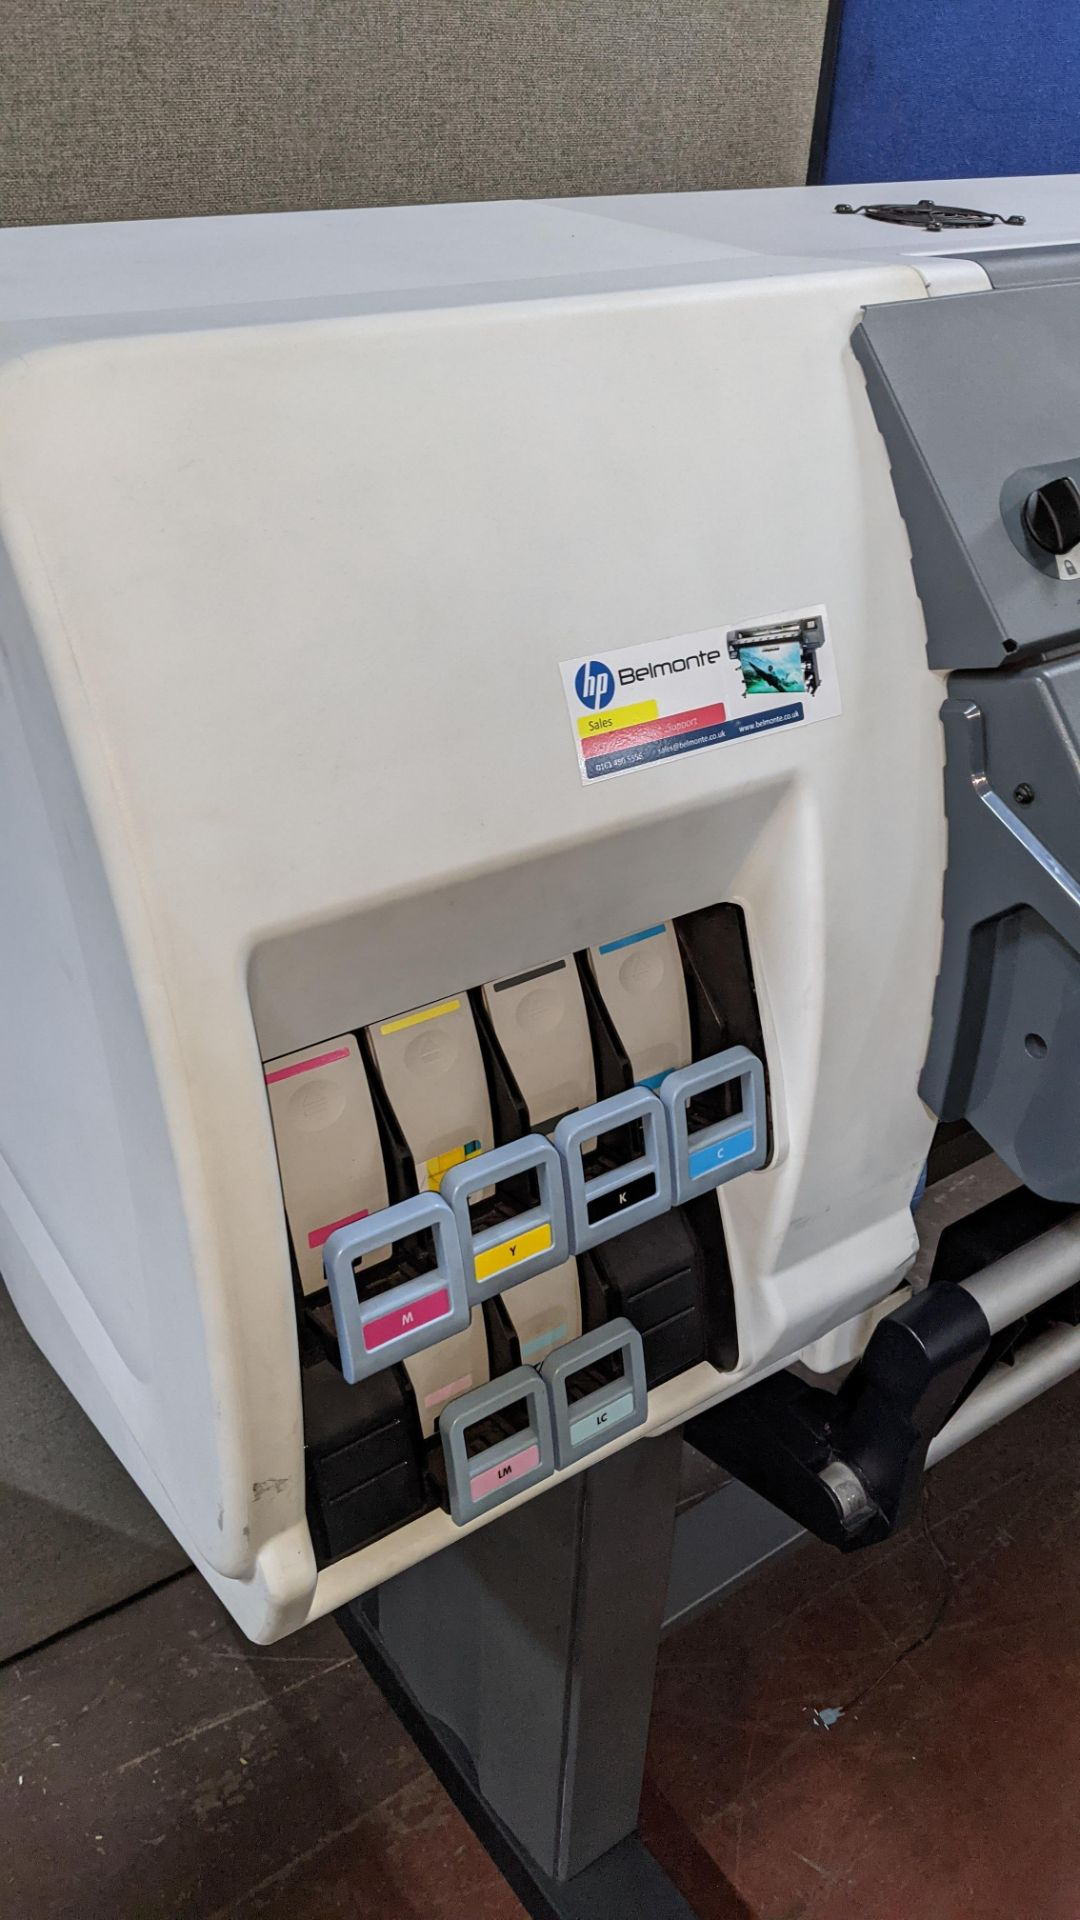 HP DesignJet L25500 wide format printer - Image 5 of 9